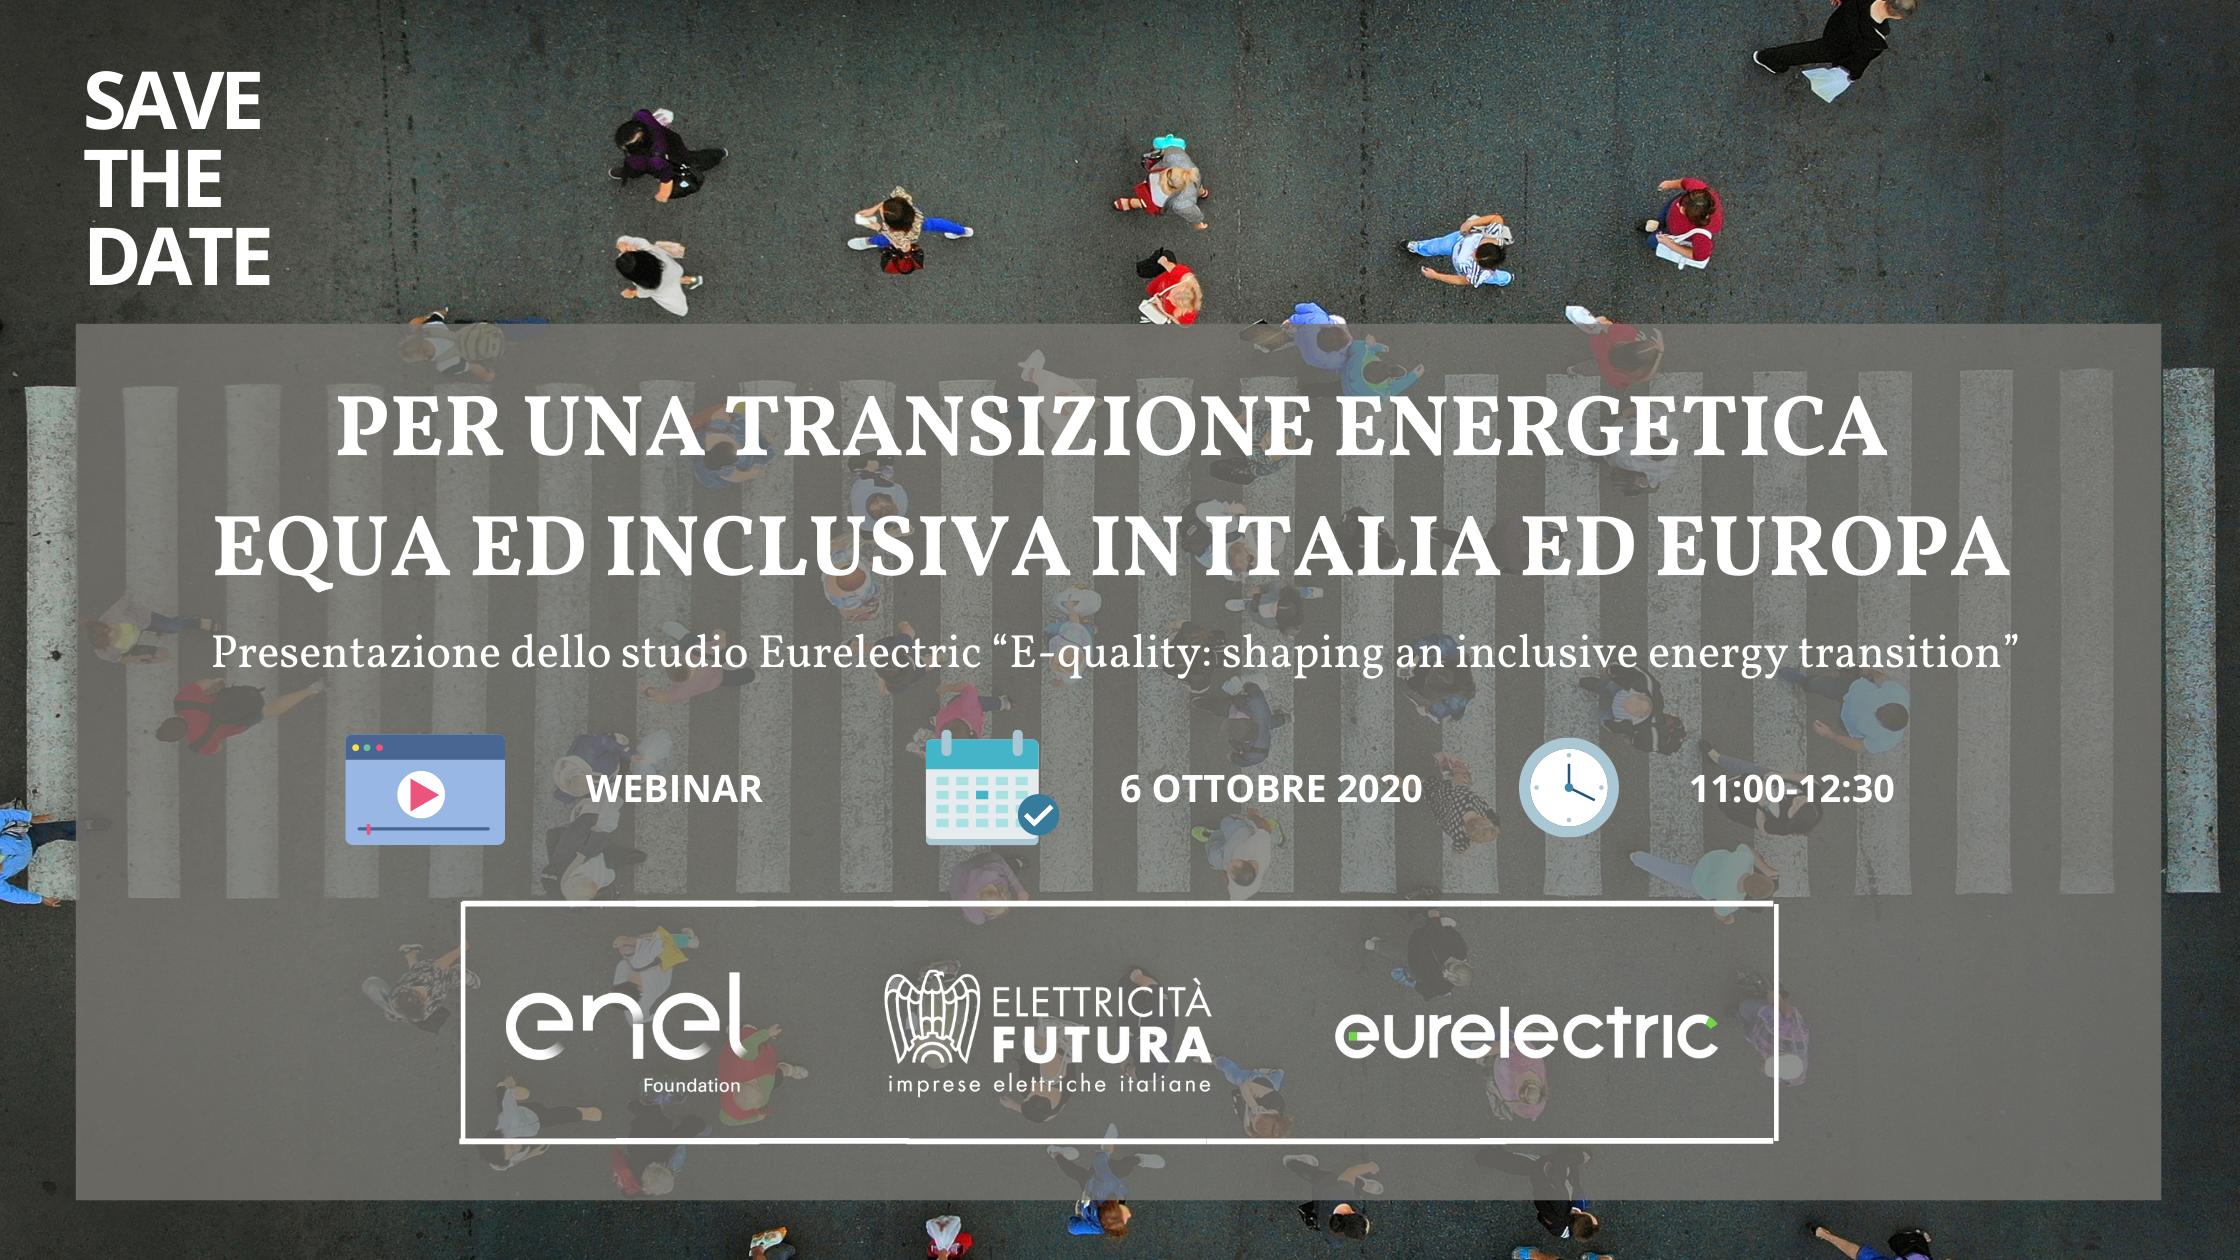 Per una transizione energetica equa ed inclusiva in Italia ed Europa